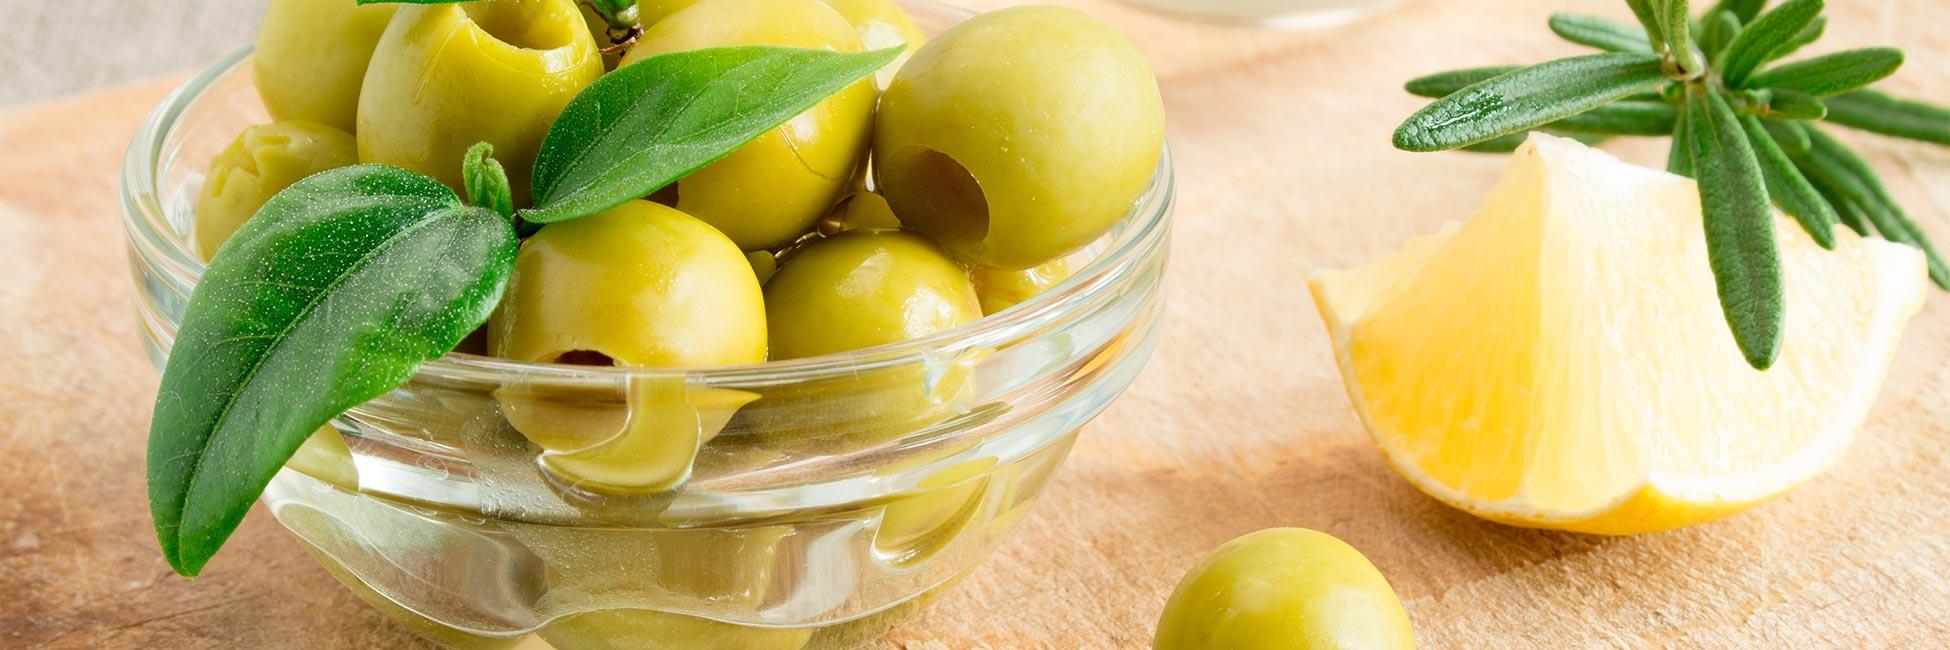 2.aceituna-limon